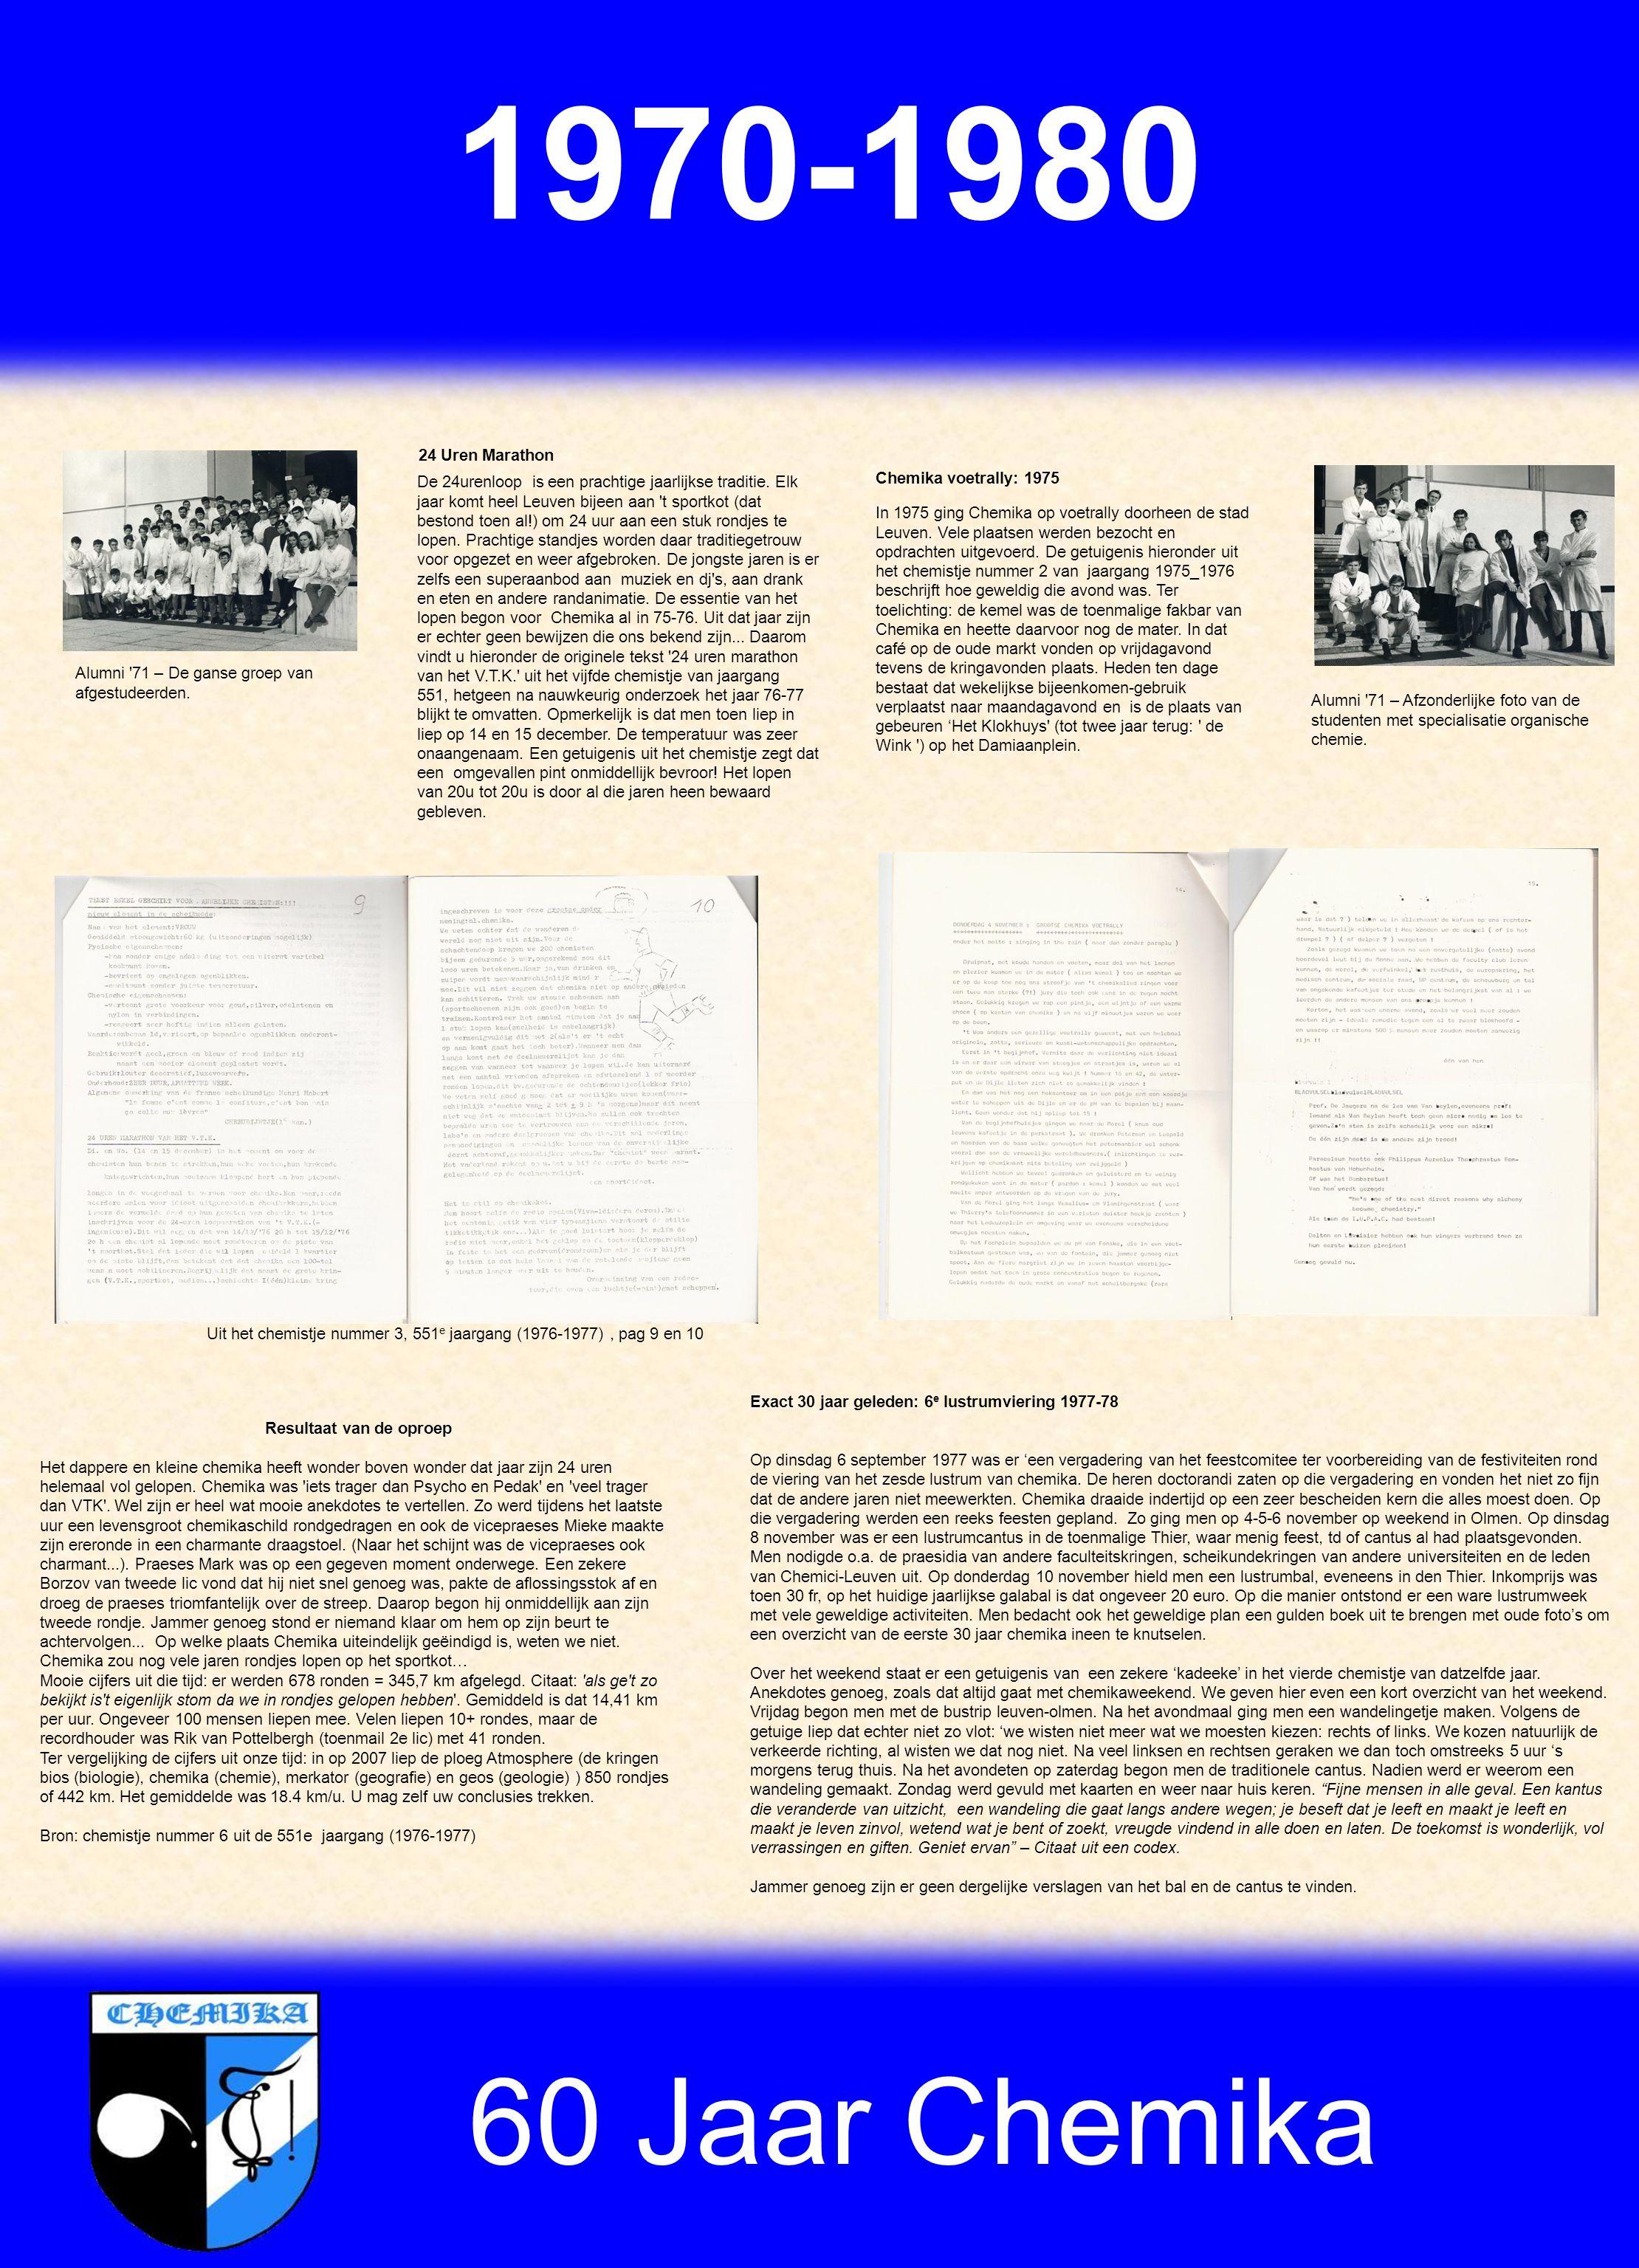 60 Jaar Chemika 1970-1980 Alumni 71 – De ganse groep van afgestudeerden.